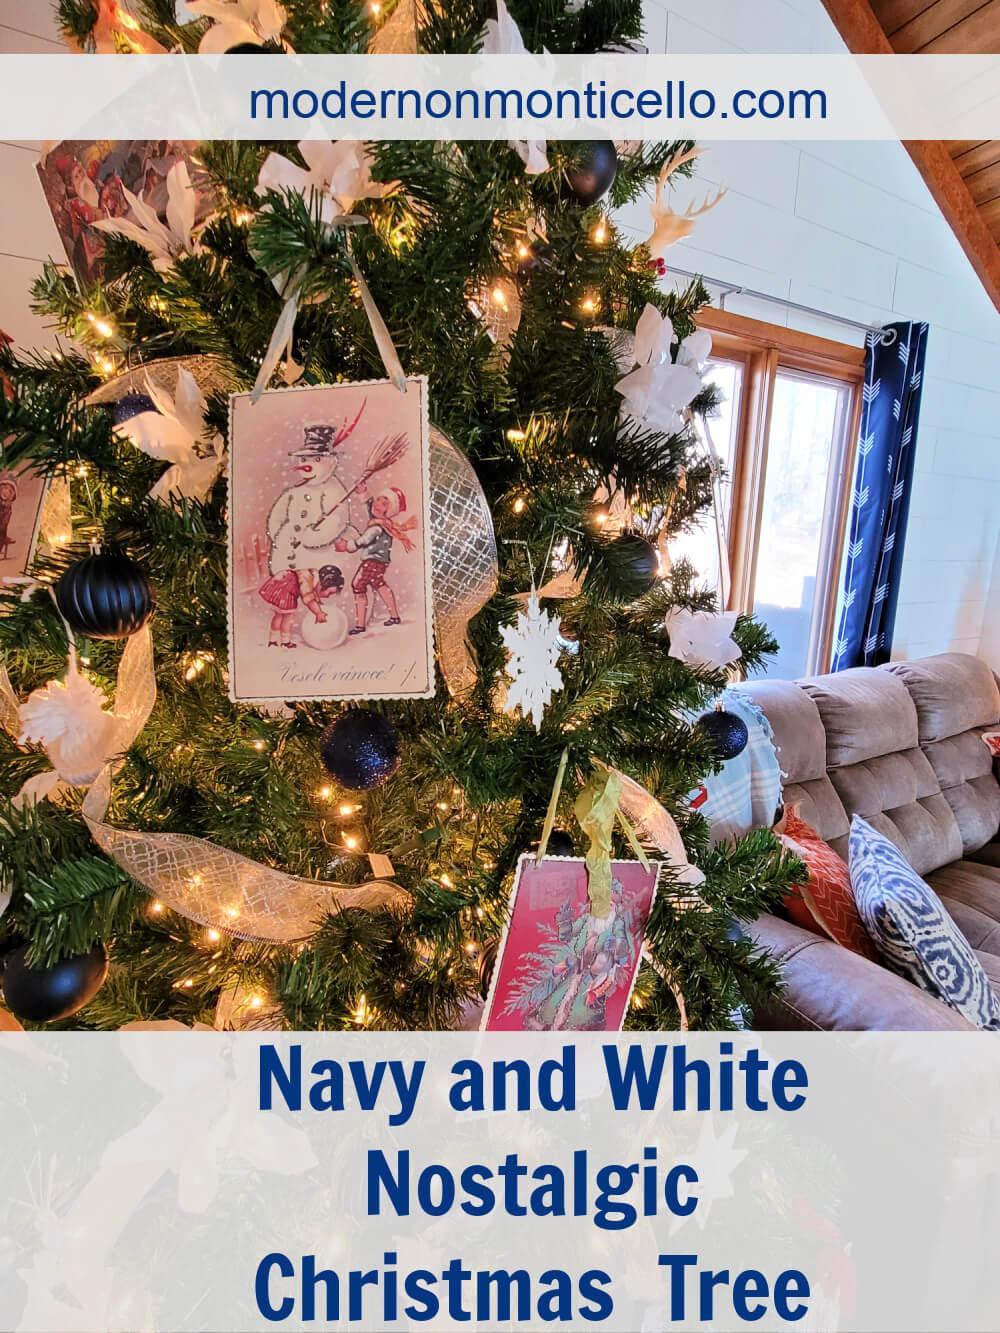 Navy And White Nostalgic Christmas Tree Modern On Monticello